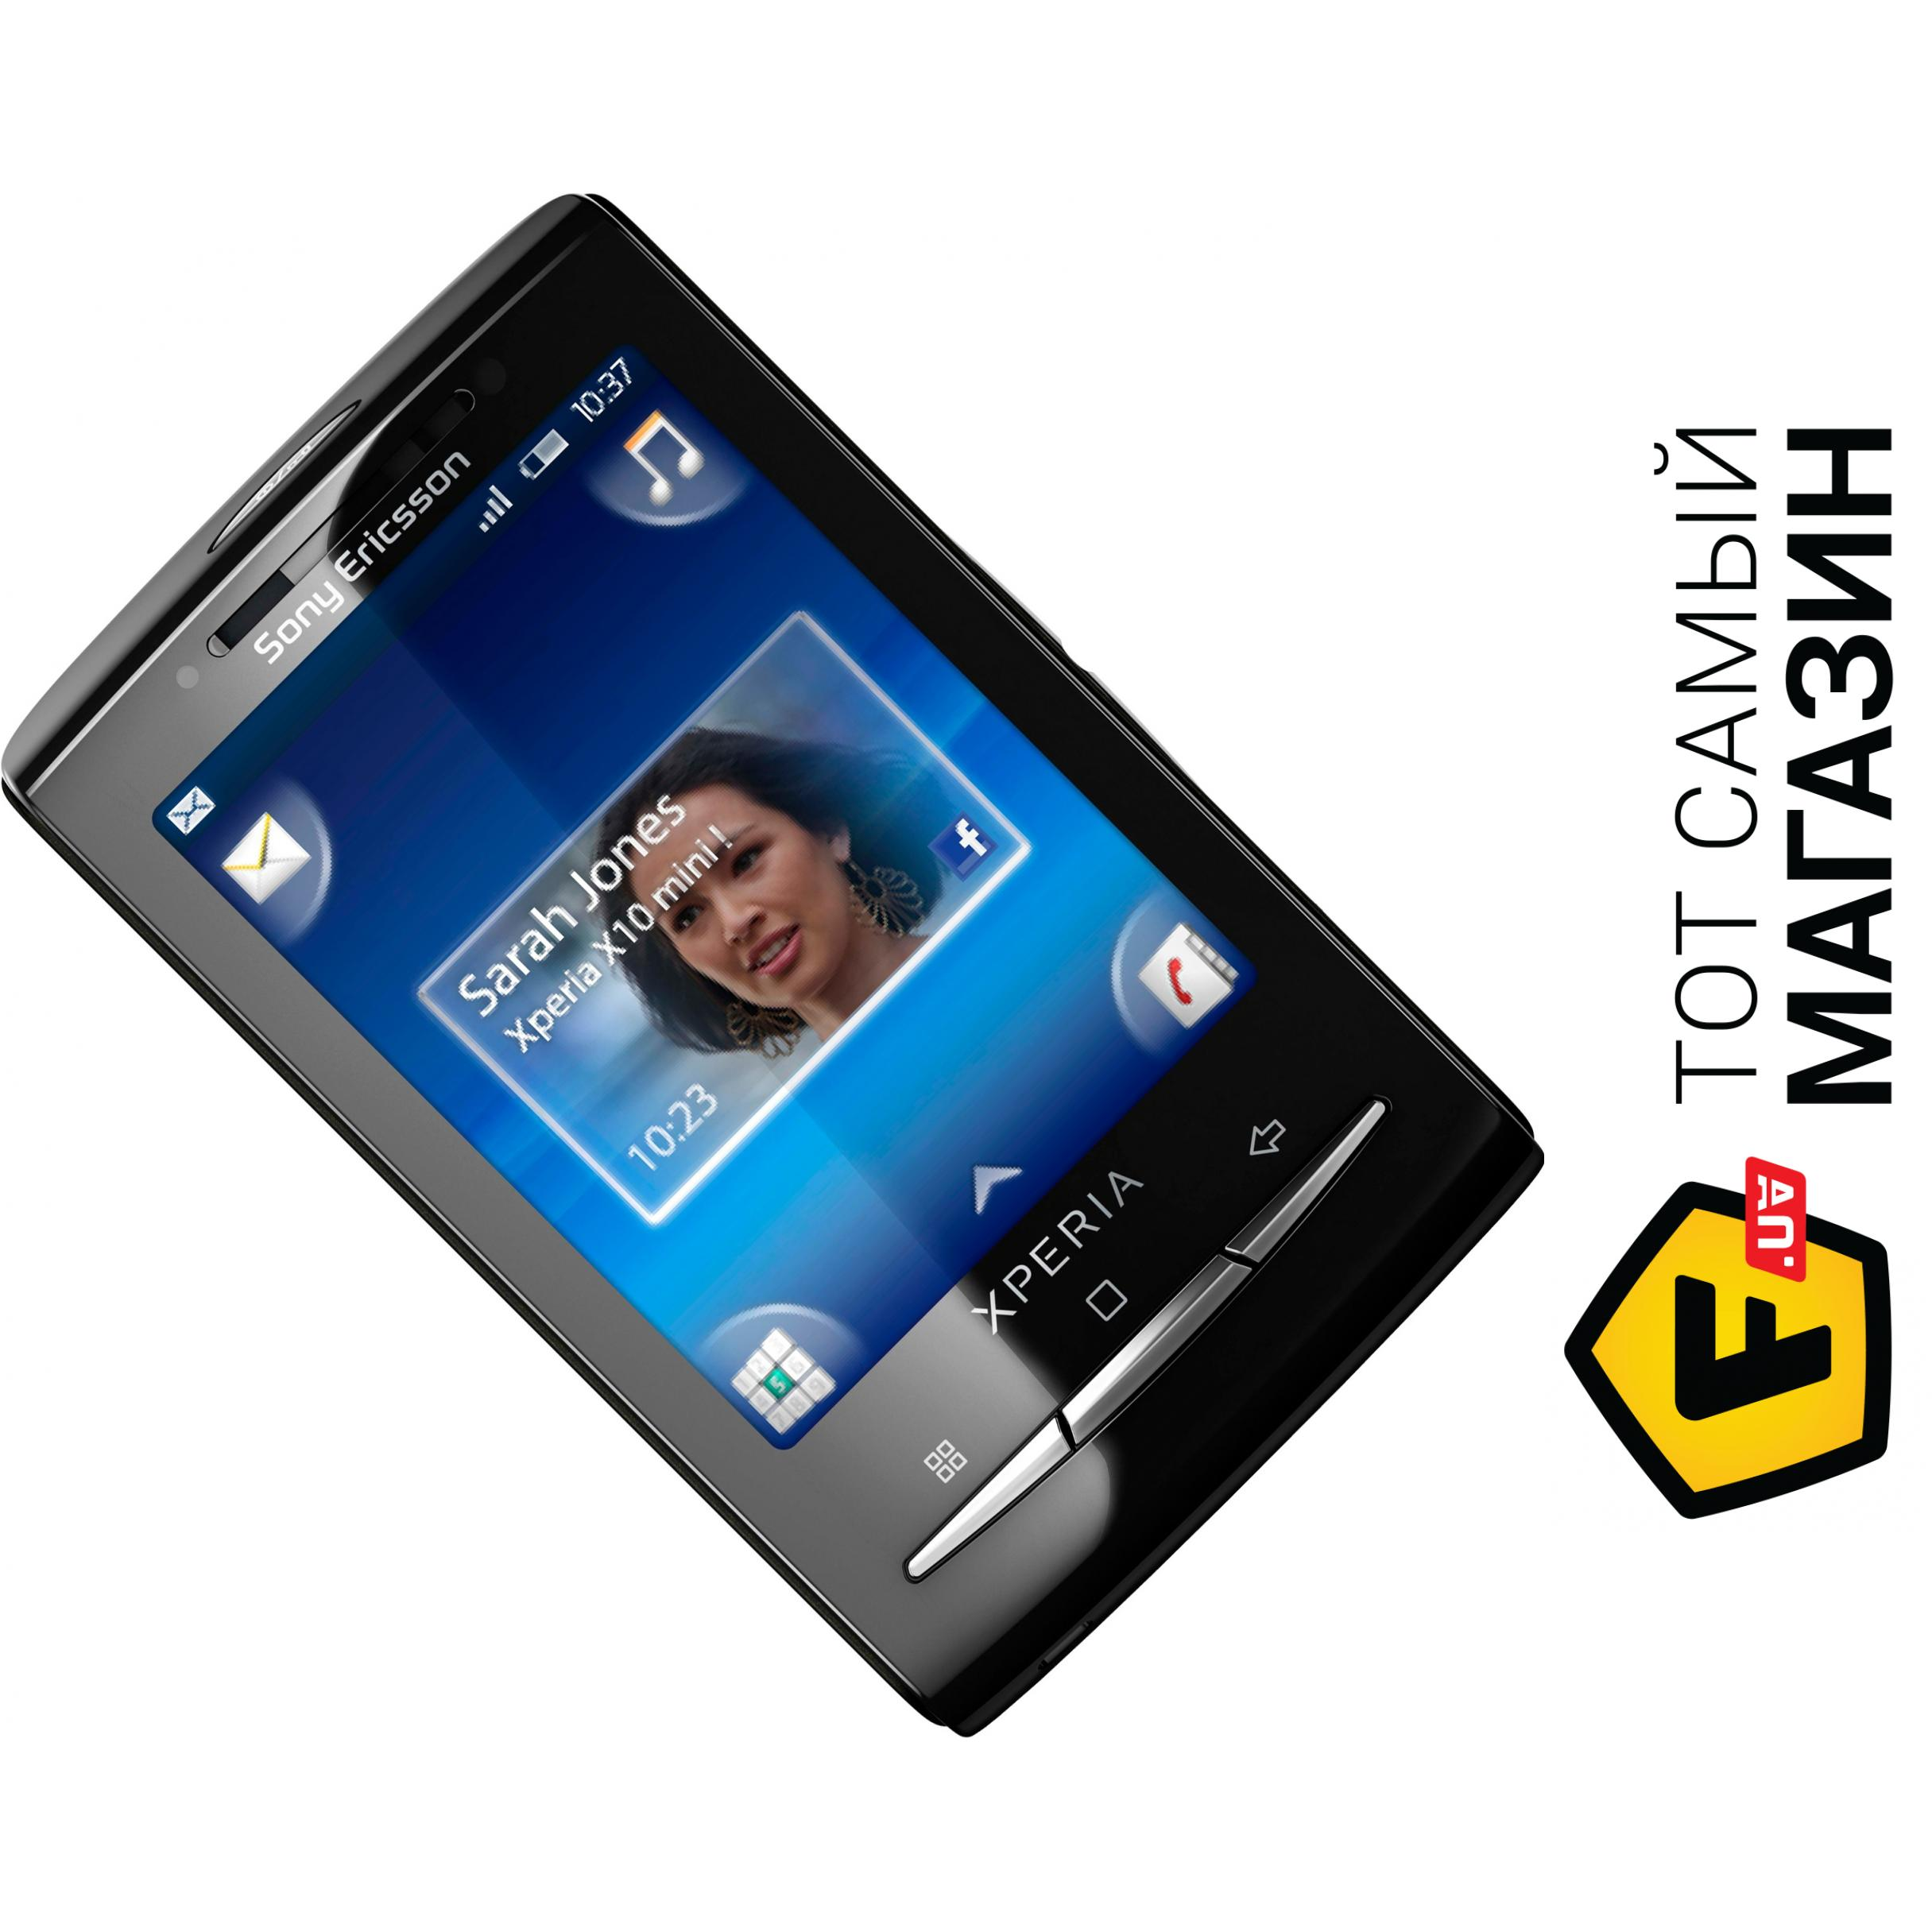 ᐈ Sony Ericsson E10 Xperia X10 надо купить цена снижена Sony